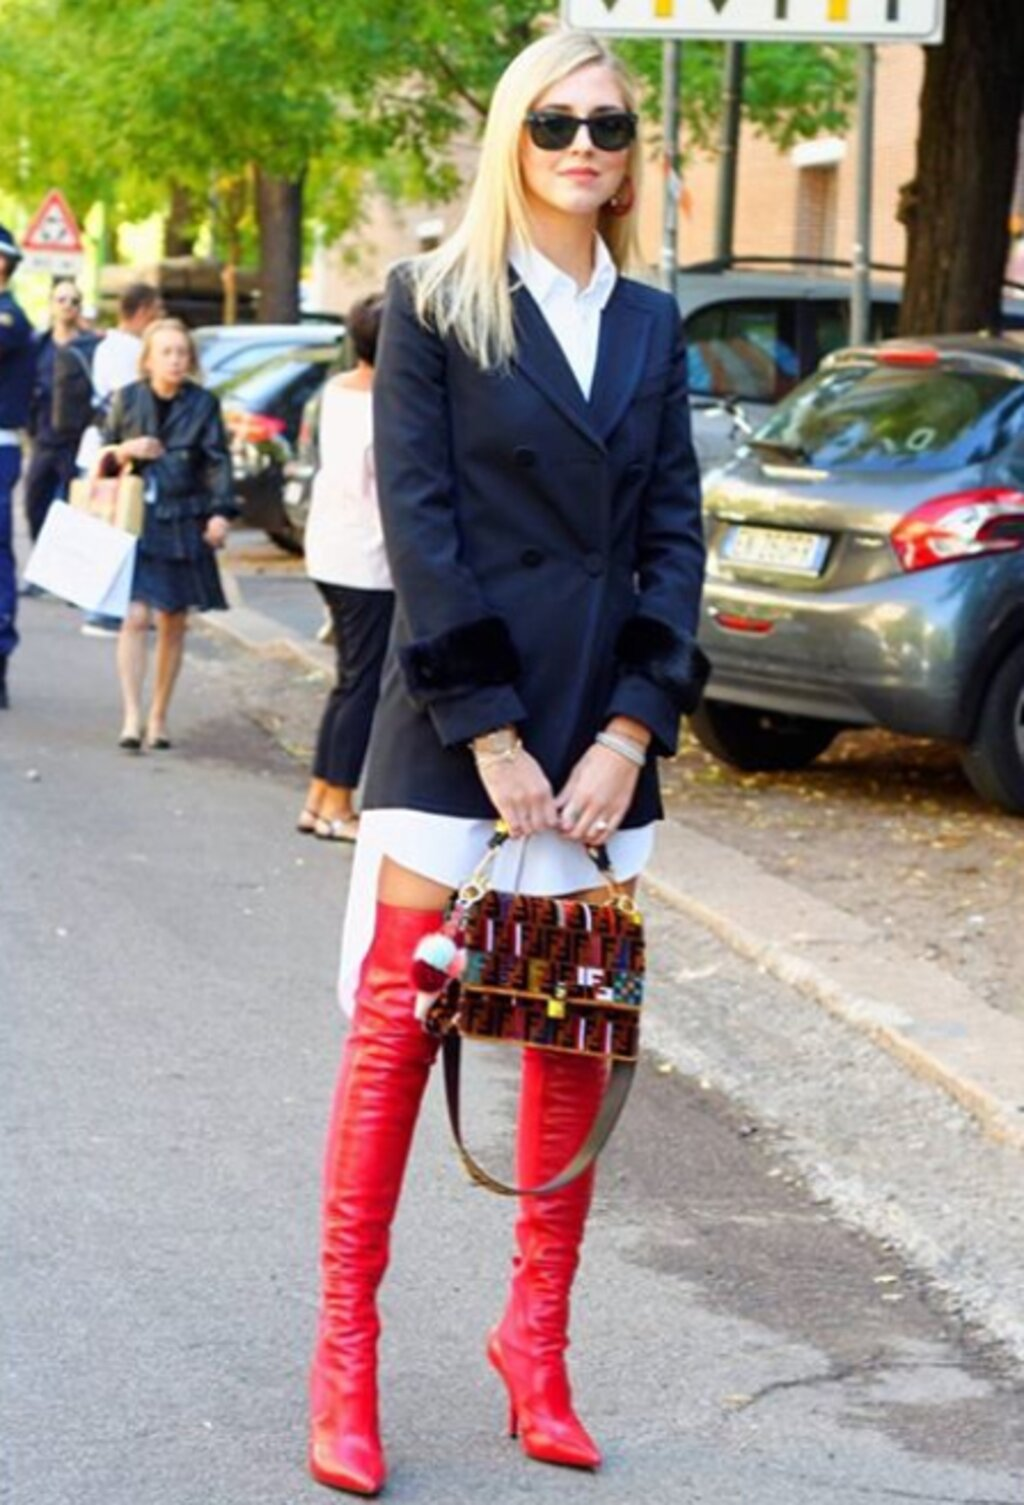 6a19eae51b60 slávna talianska módna blogerka CHIARA FERRAGNI prišla na prehliadku značky  Fendi vo Fendi looku – typické červené nadkolenné čižmy z februárovej  kolekcie ...